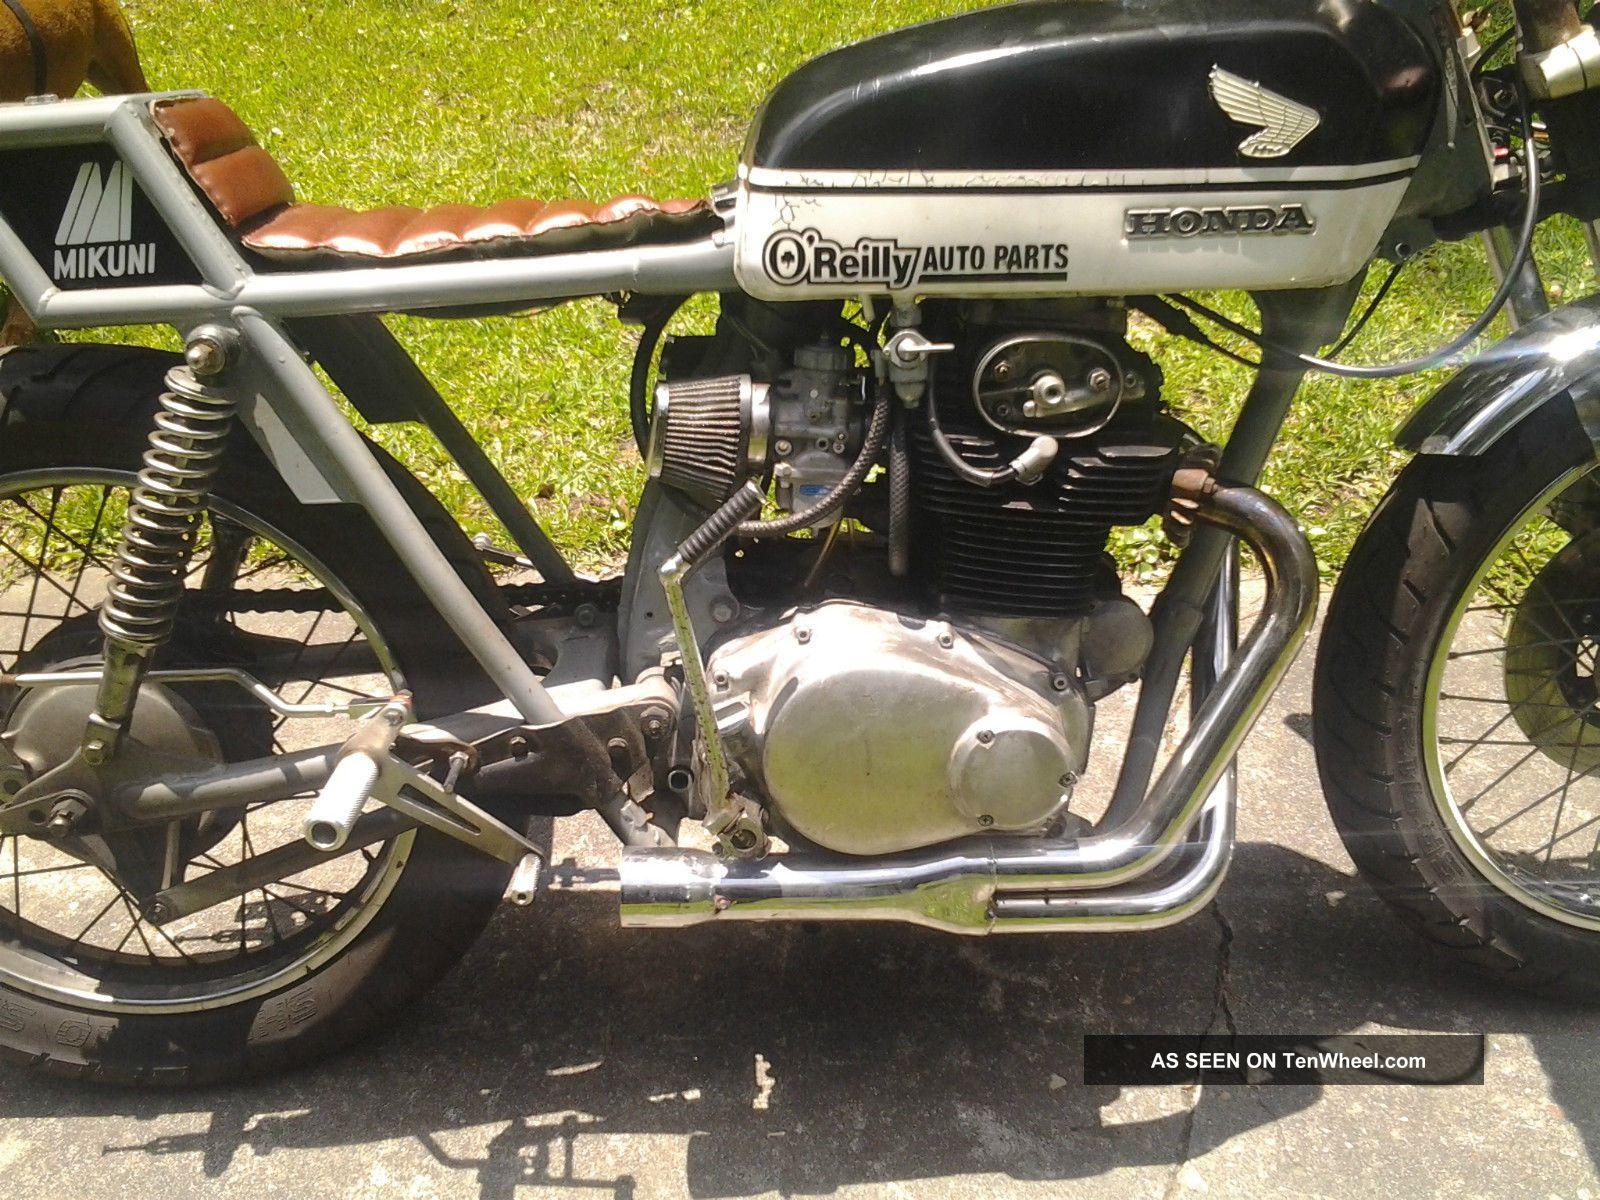 1972 Honda Cb350 Rat Rod Cafe Racer Vintage Motorcycle CB photo 5